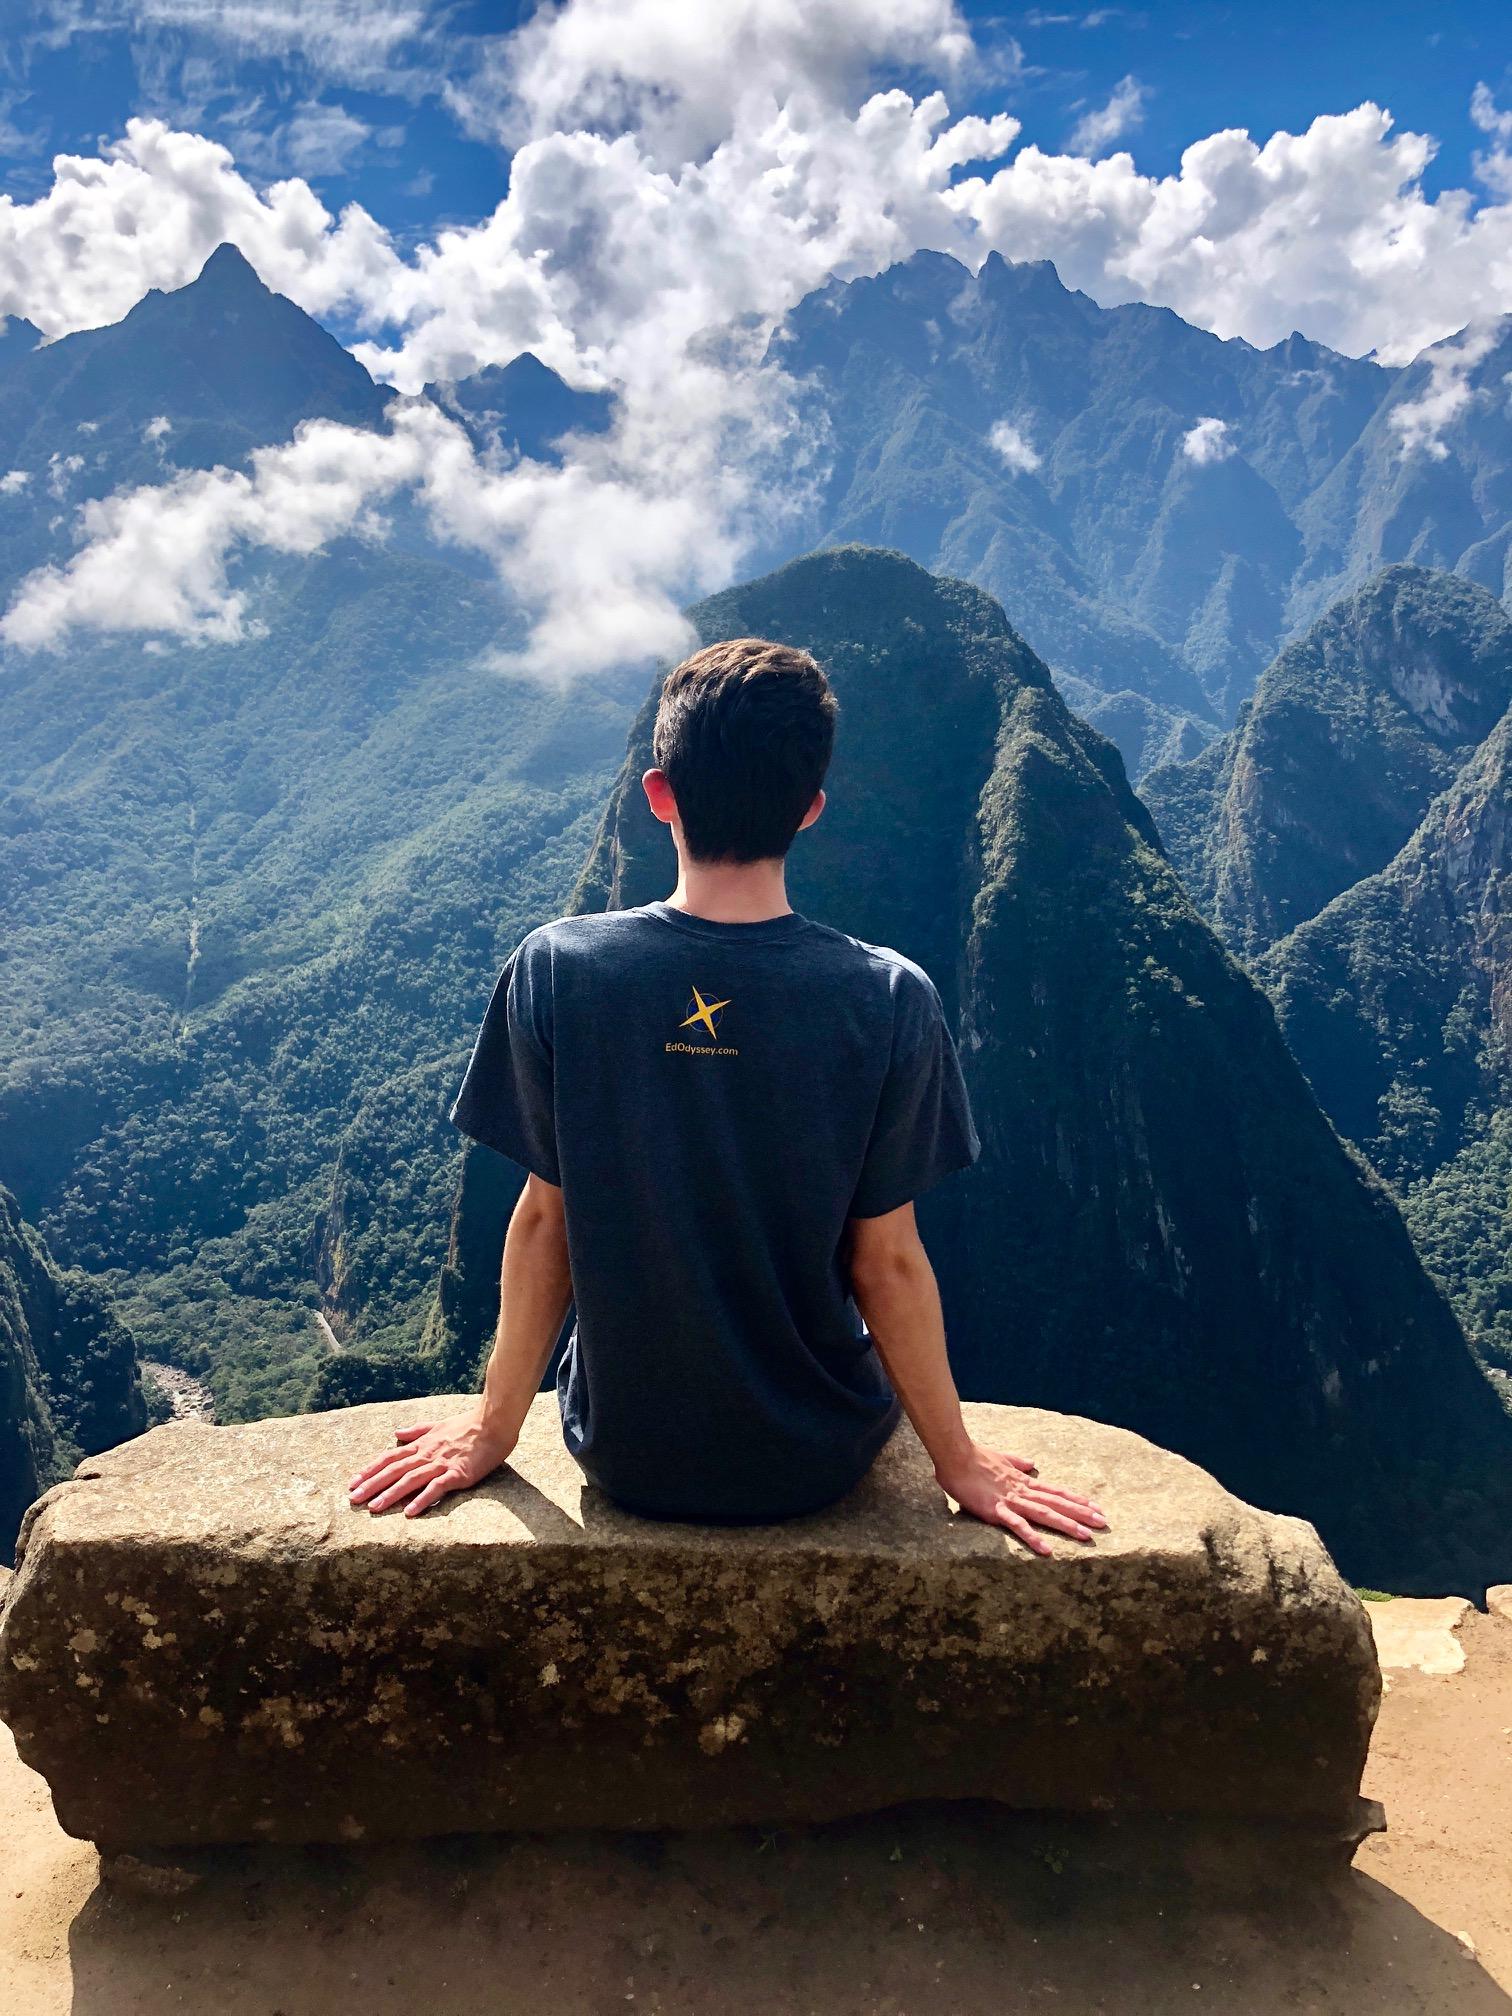 Peruvian Mountains - Jake Leary